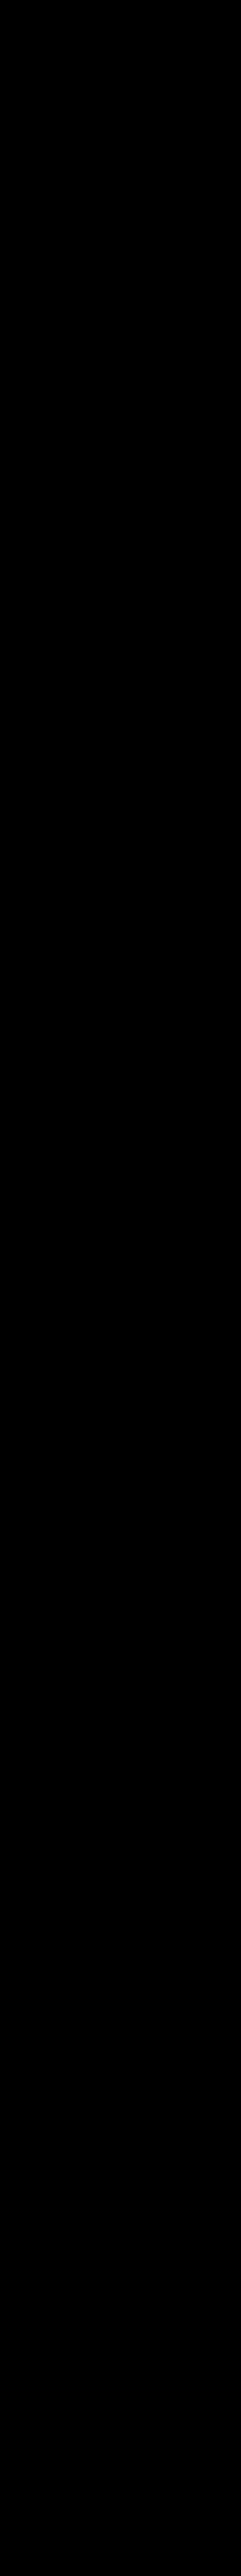 unicode chart